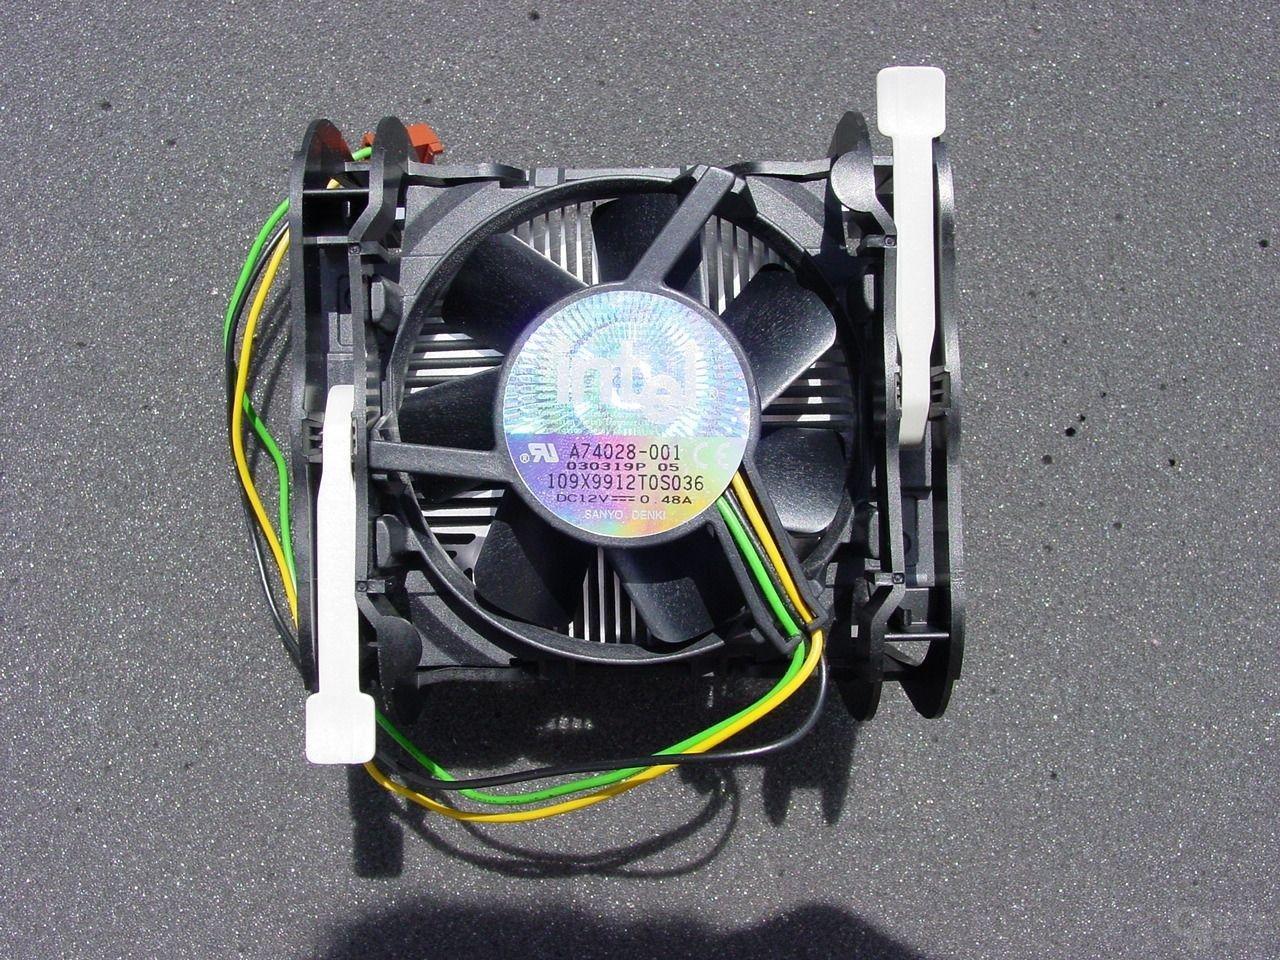 Intel Pentium 4 3,2 GHz Boxed Kühler (Modell B)